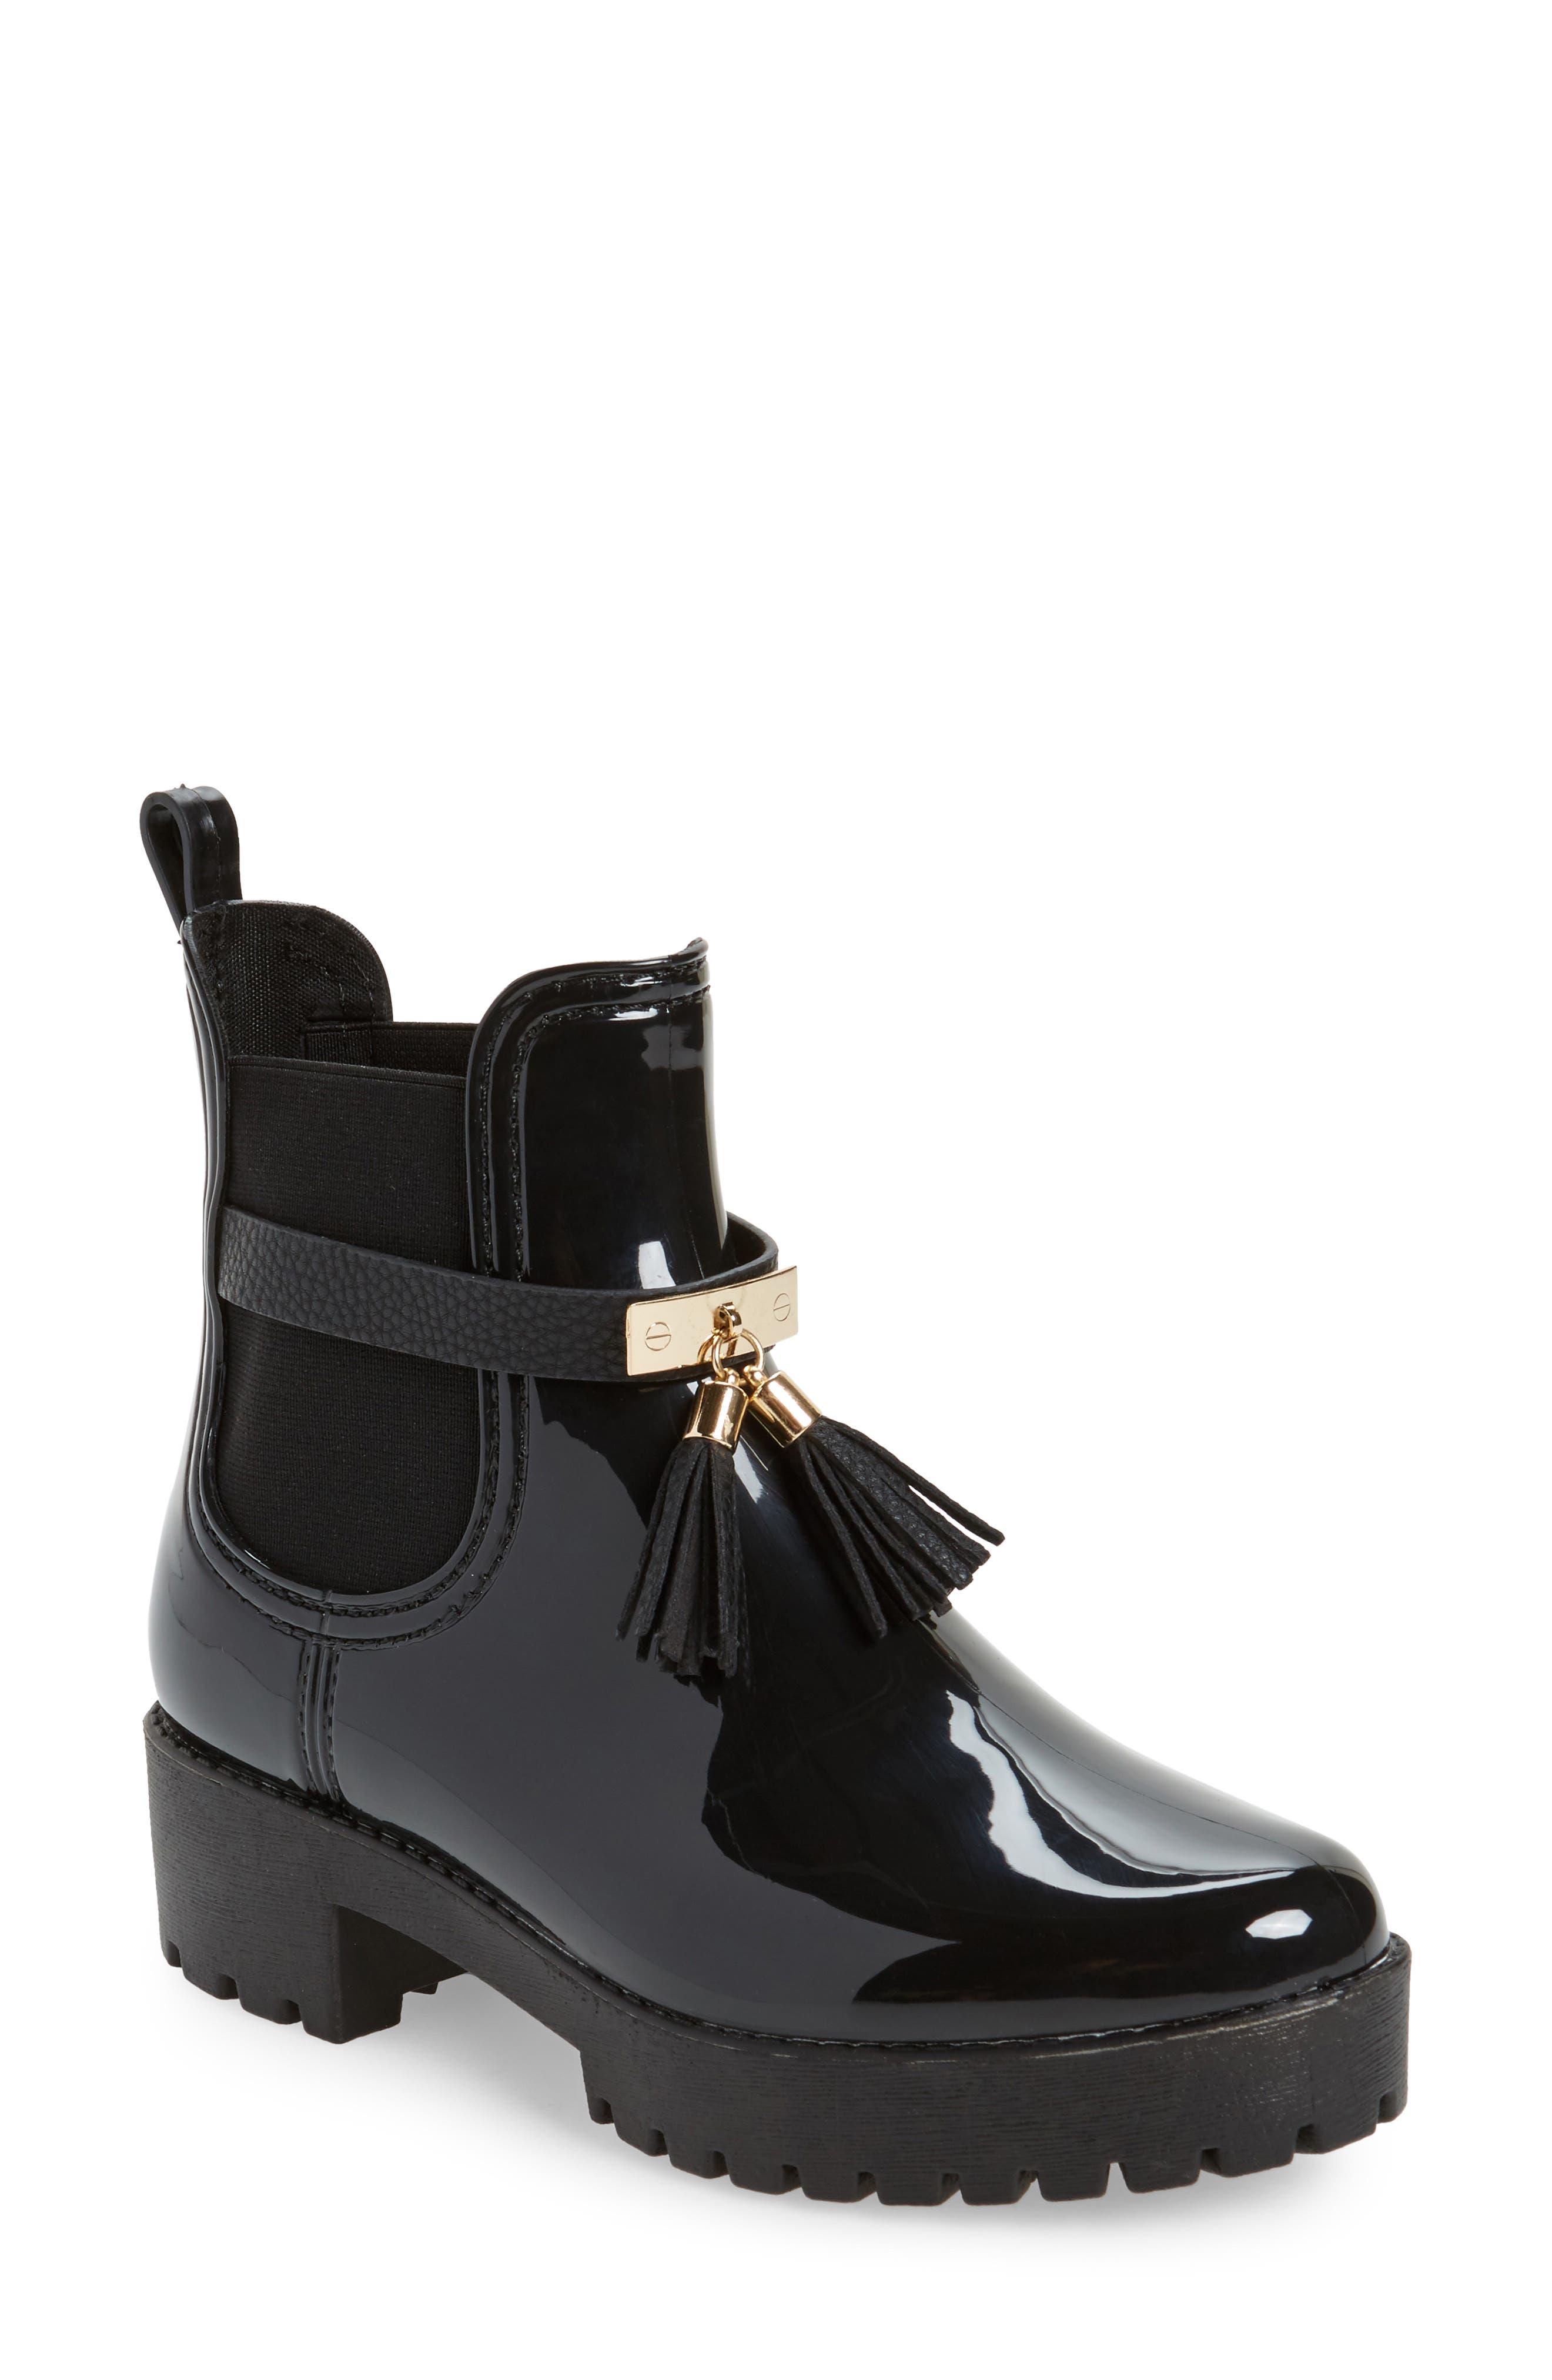 Alternate Image 1 Selected - däv Leeds Tassel Waterproof Chelsea Boot (Women)